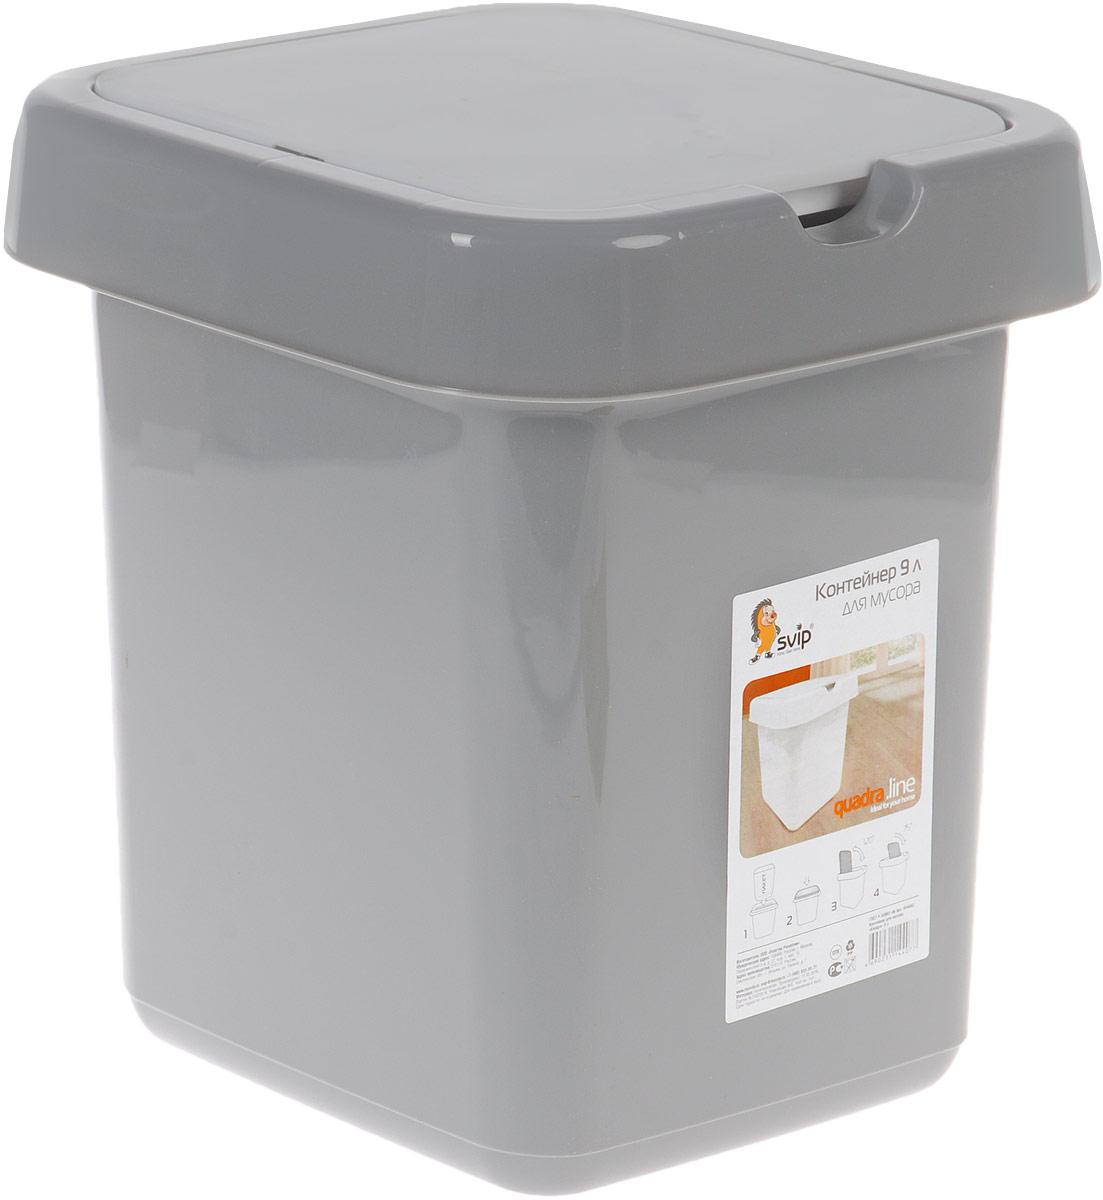 Контейнер для мусора Svip Квадра, цвет: серый, белый, 9 лSV4042СБМусорный контейнер Svip Квадра поможет поддержать порядок и чистоту на кухне, в туалетной комнате или в офисе. Изделие, выполненное из полипропилена, не боится ударов и долгих лет использования. Изделие оснащено крышкой с двойным механизмом открывания, что обеспечивает максимально удобное использование: откидной крышкой можно воспользоваться при выбрасывании большого мусора, крышкой-маятником - для мусора меньшего объема. Скрытые борта в корпусе изделия для аккуратного использования одноразовых пакетов и сохранения эстетики изделия. Съемная верхняя часть контейнера обеспечивает удобство извлечения накопившегося мусора. Эстетика изделия превращает необходимый предмет кухни или туалетной комнаты в стильное дополнение к интерьеру. Его легкость и прочность оптимально решают проблему сбора мусора.